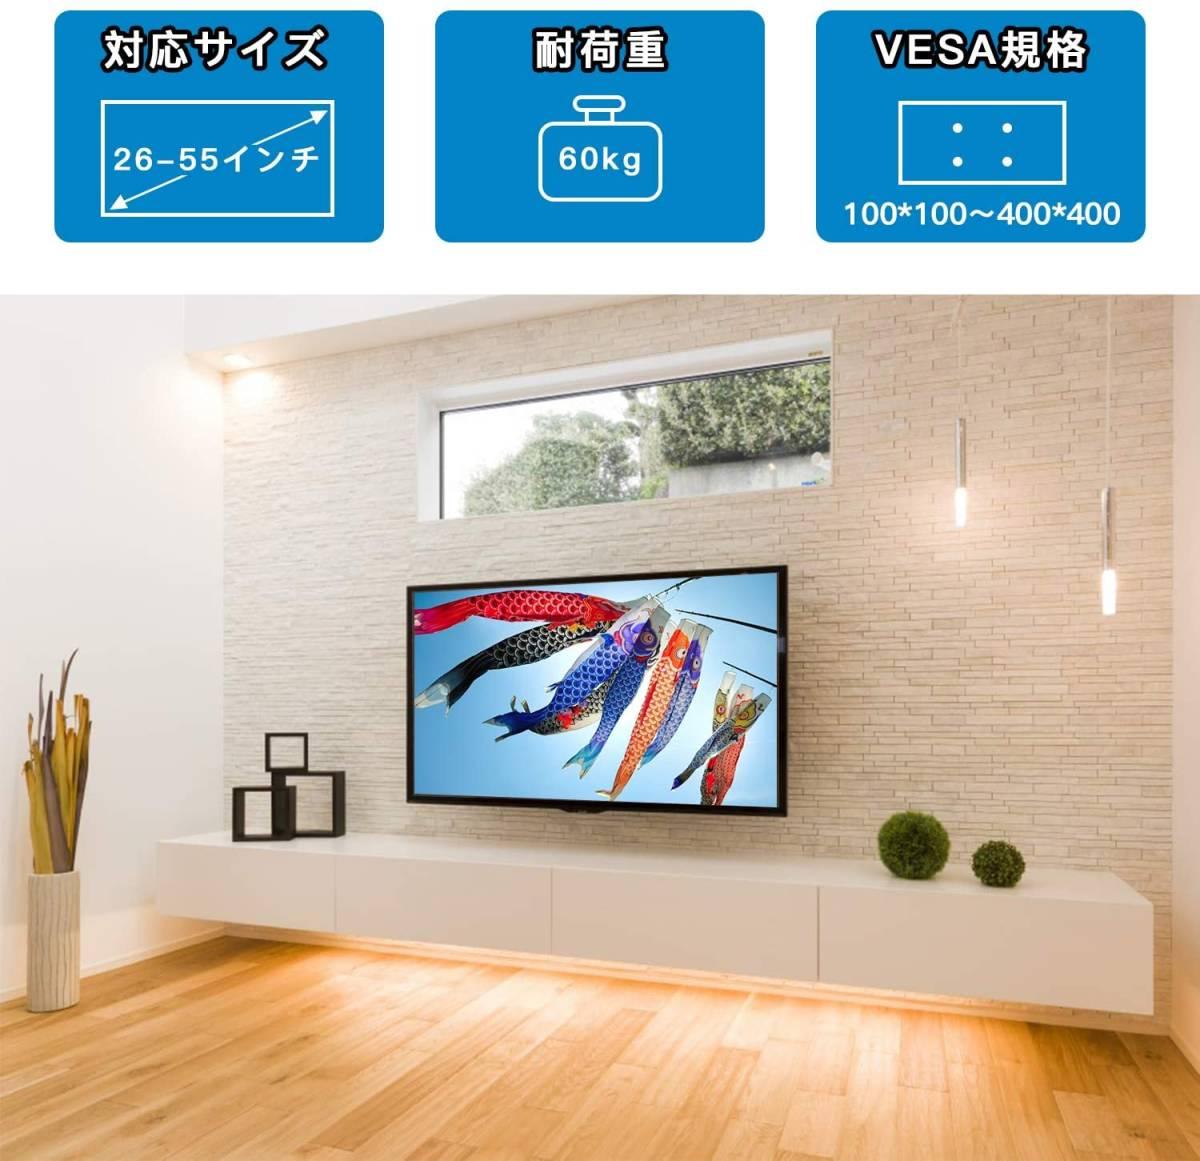 PERLESMITH テレビ壁掛け金具 26-55インチ対応 耐荷重60kg LCD LED 液晶テレビ用 ティルト±10度 VESA400x400mm (ブラック)_画像6